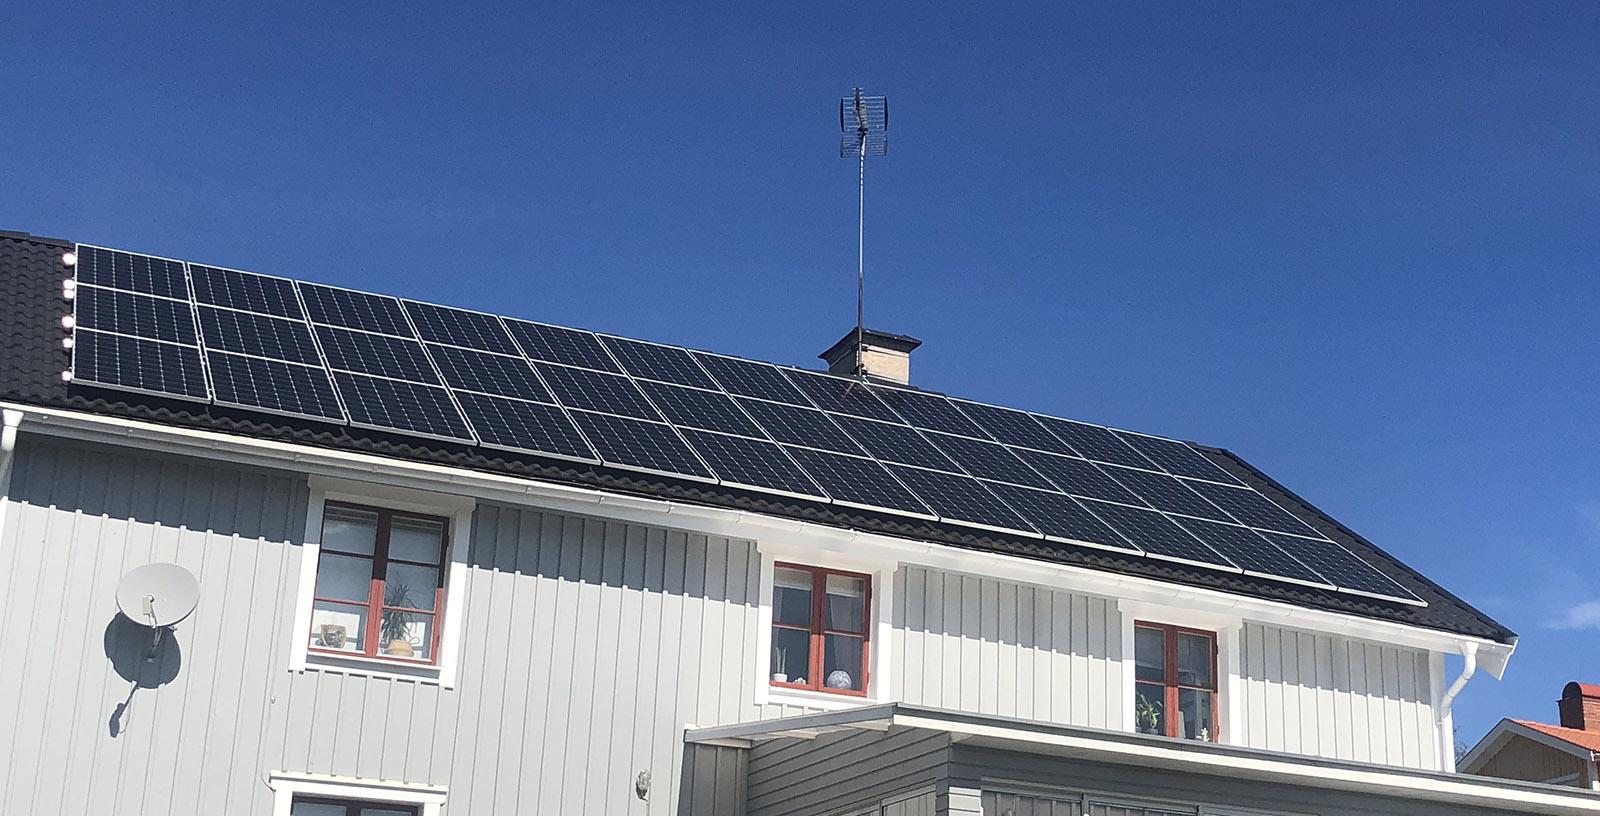 Solceller Tranås. Solpaneler på ett bostadshus i Tranås.